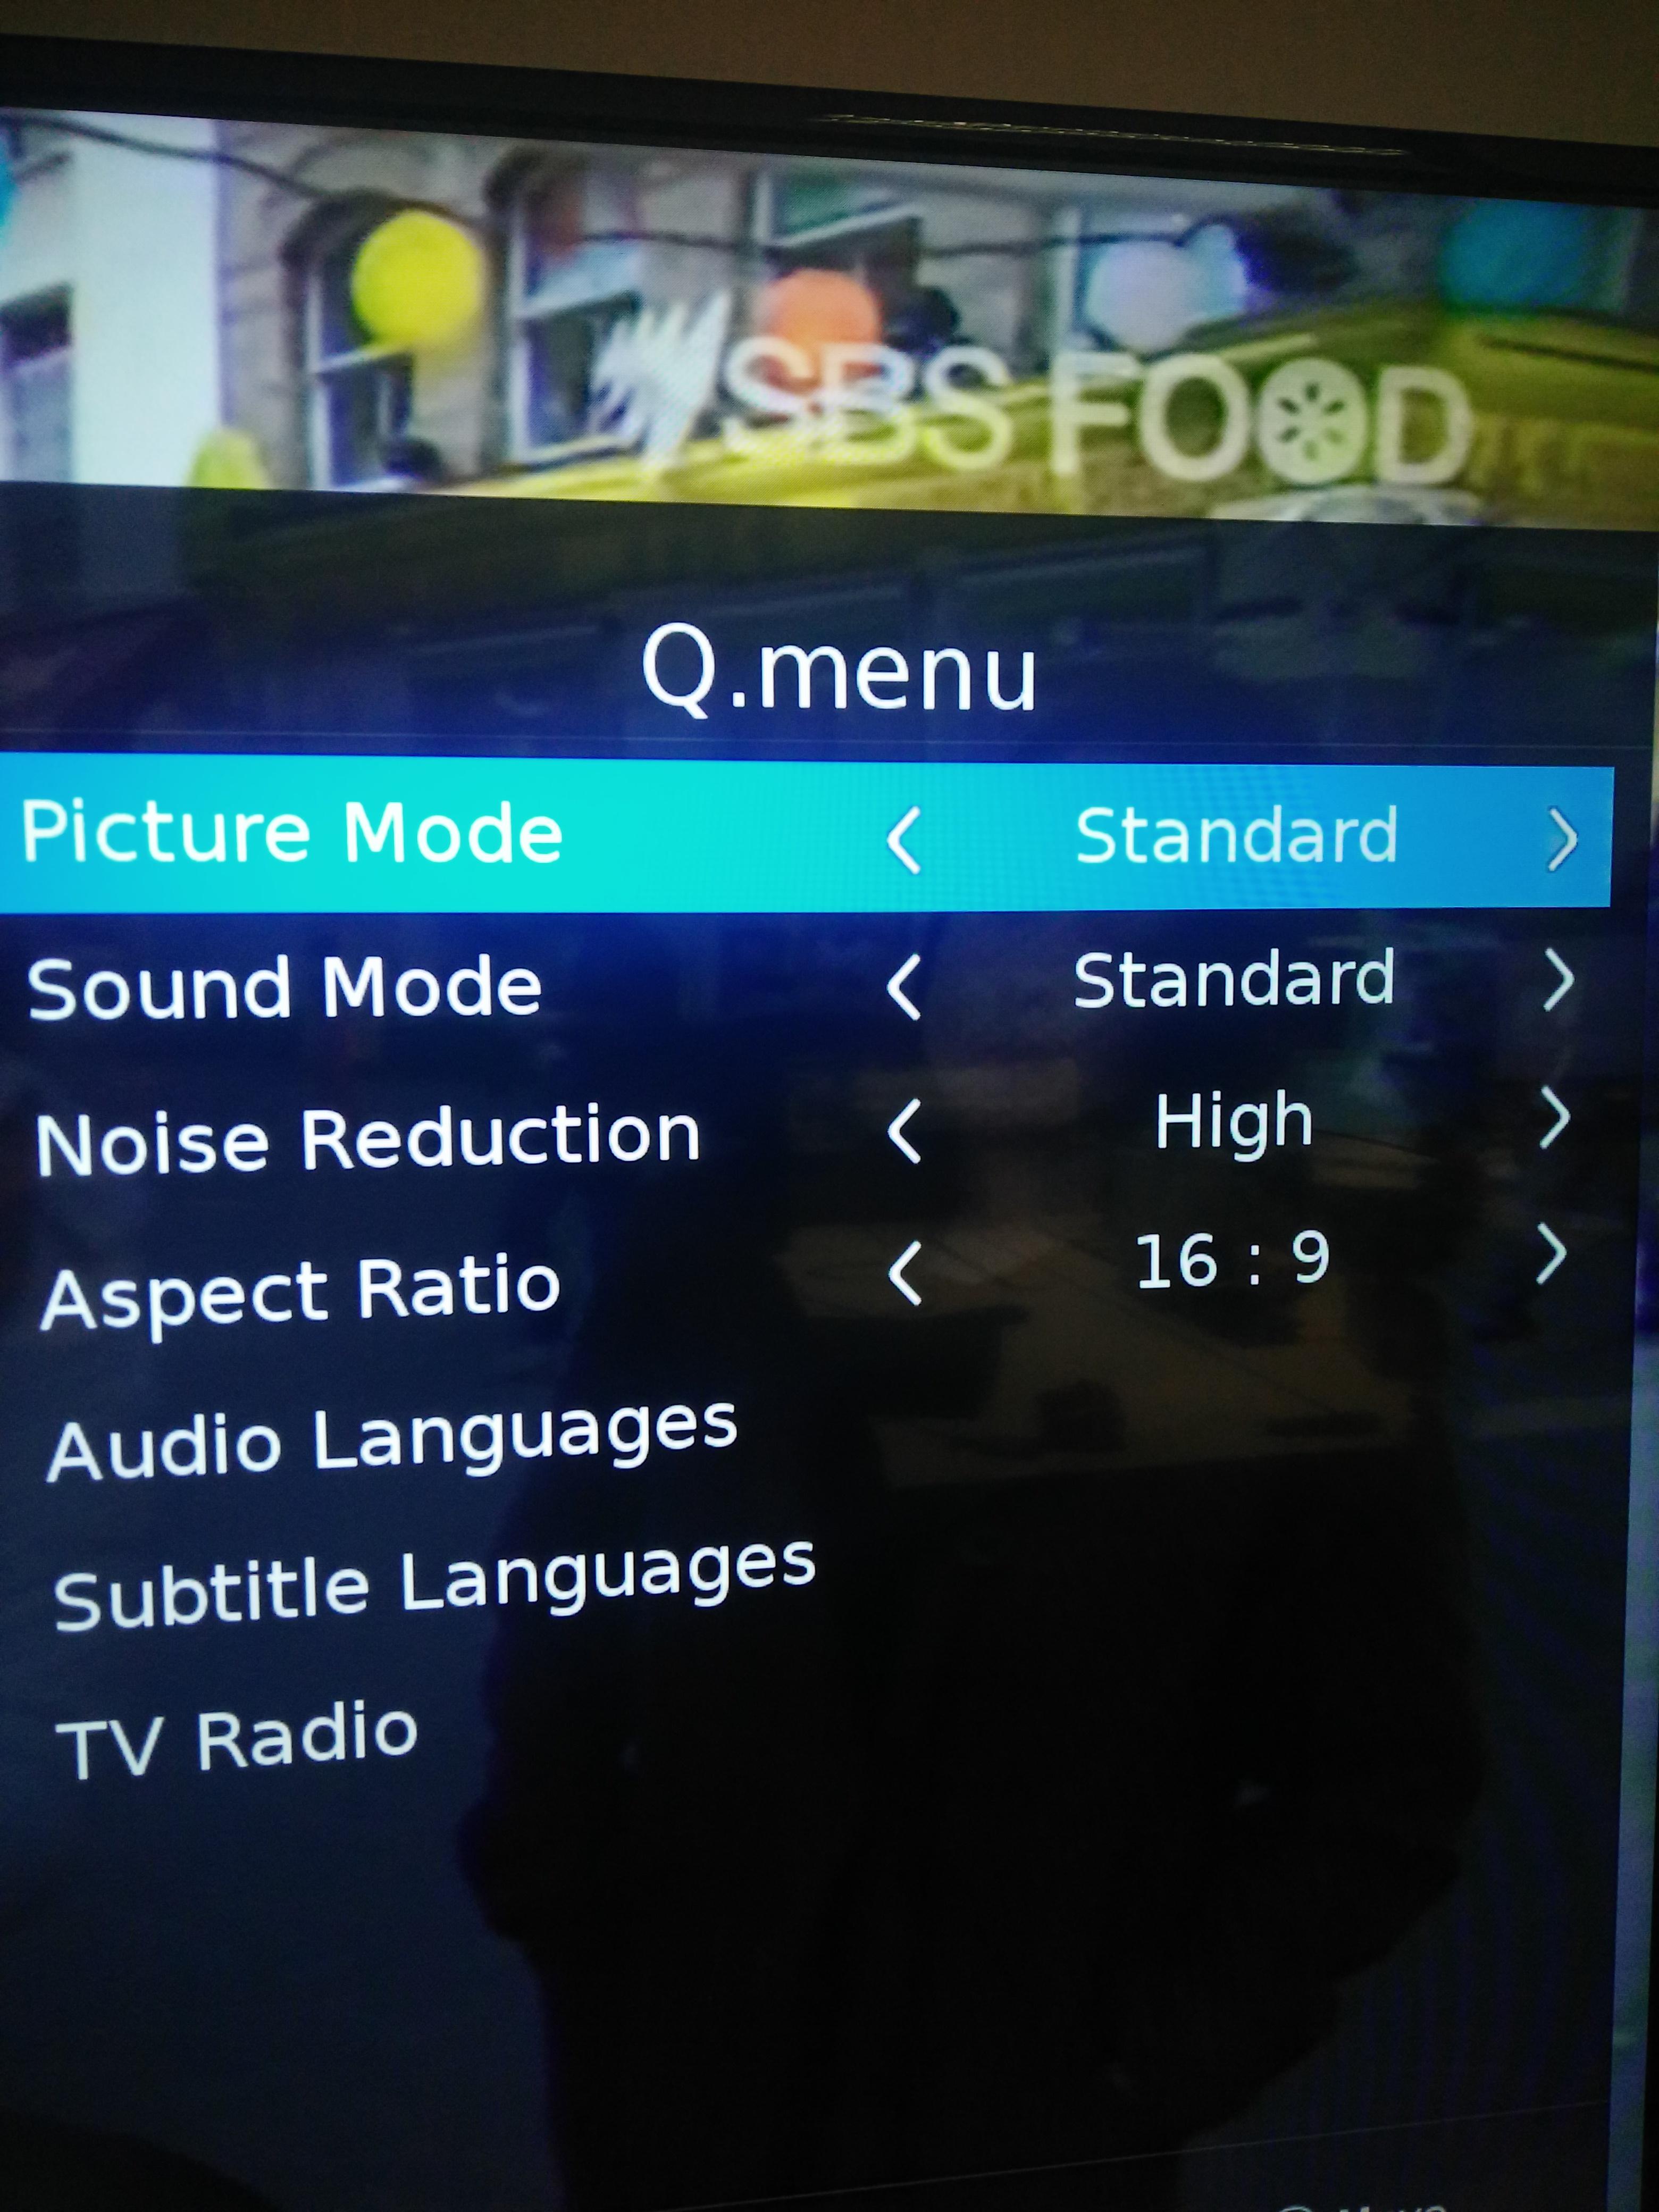 4k Tv Blurry Text